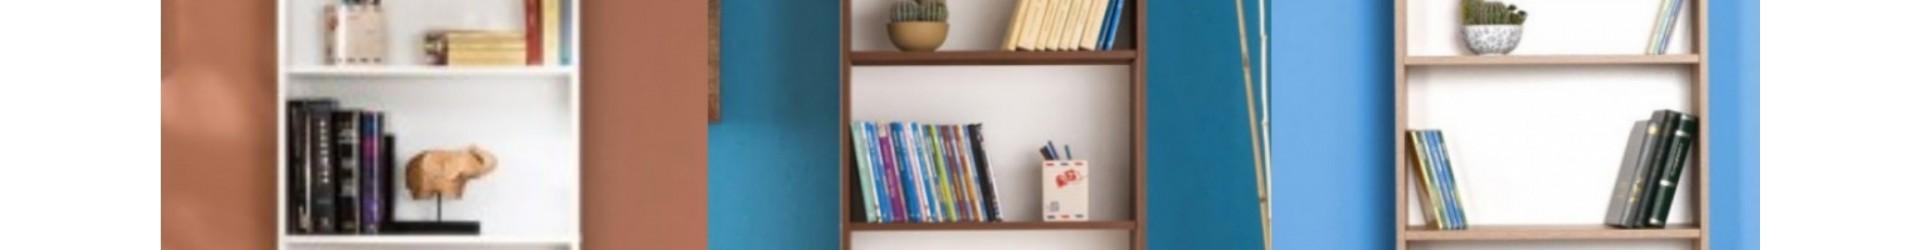 Libreria classica o moderna? Scegli quella che desideri!